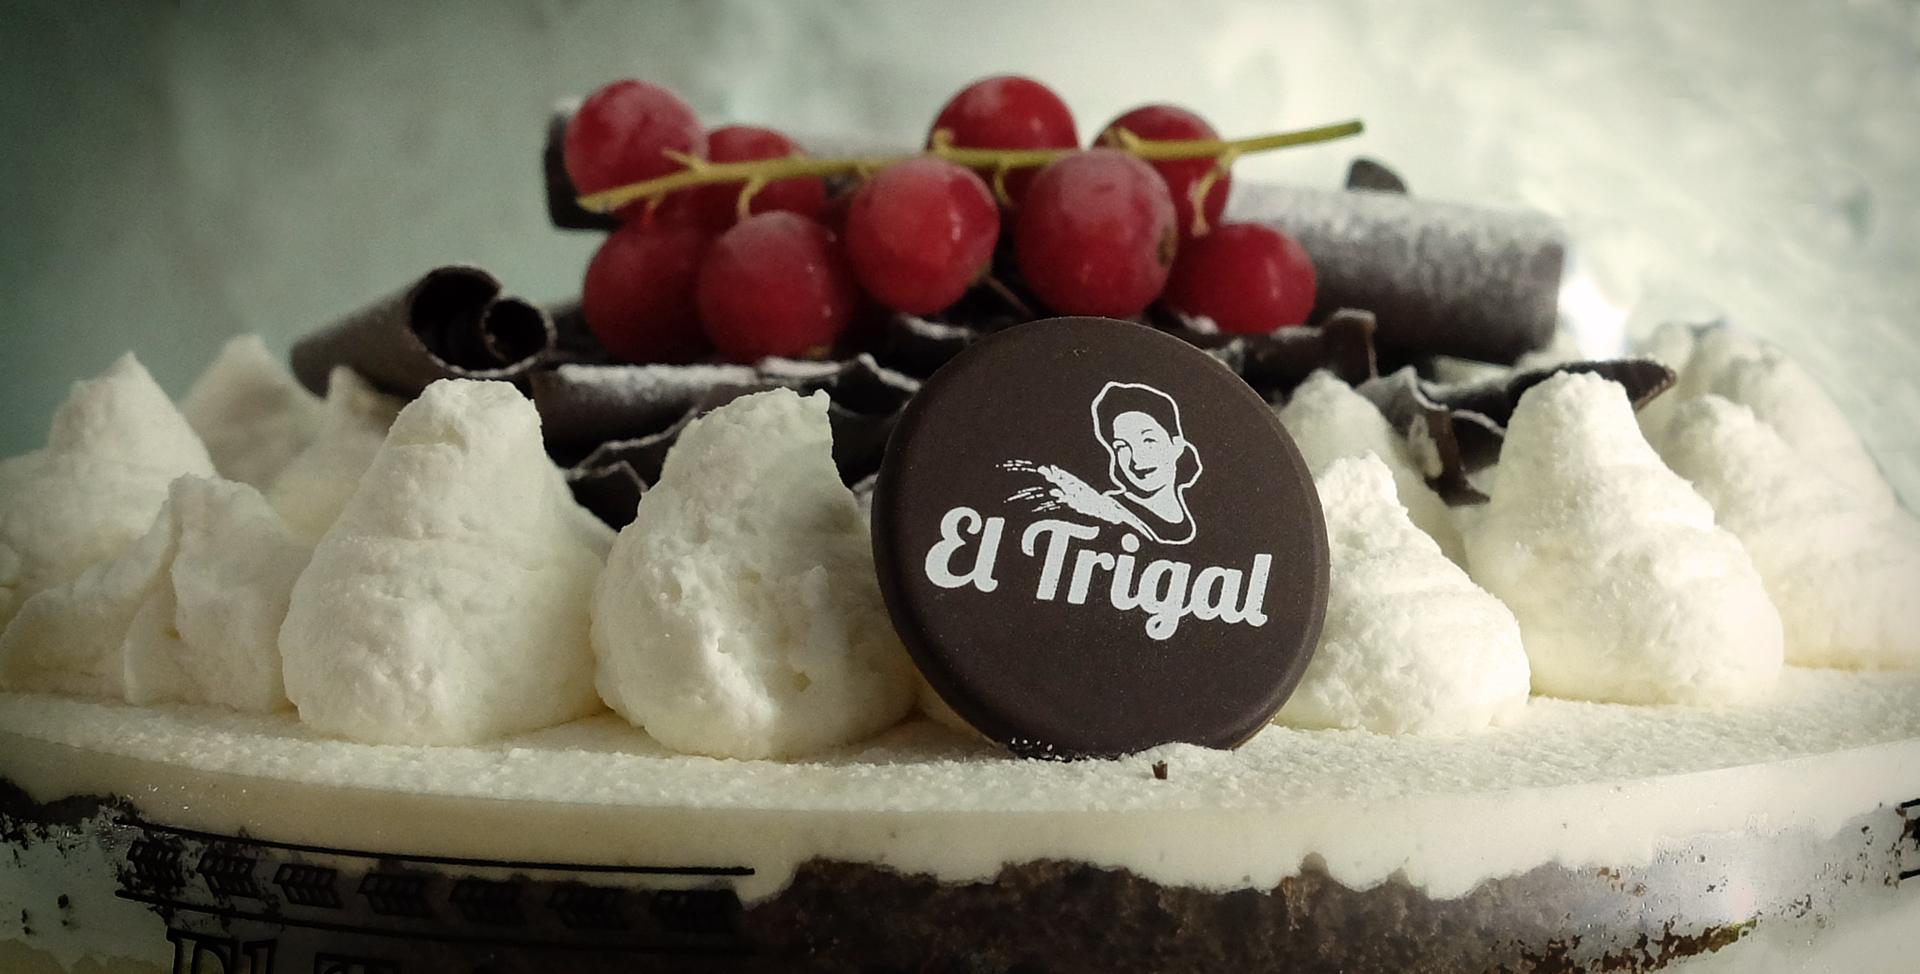 el-trigal-panaderia-pasteleria-catering-cafe-1